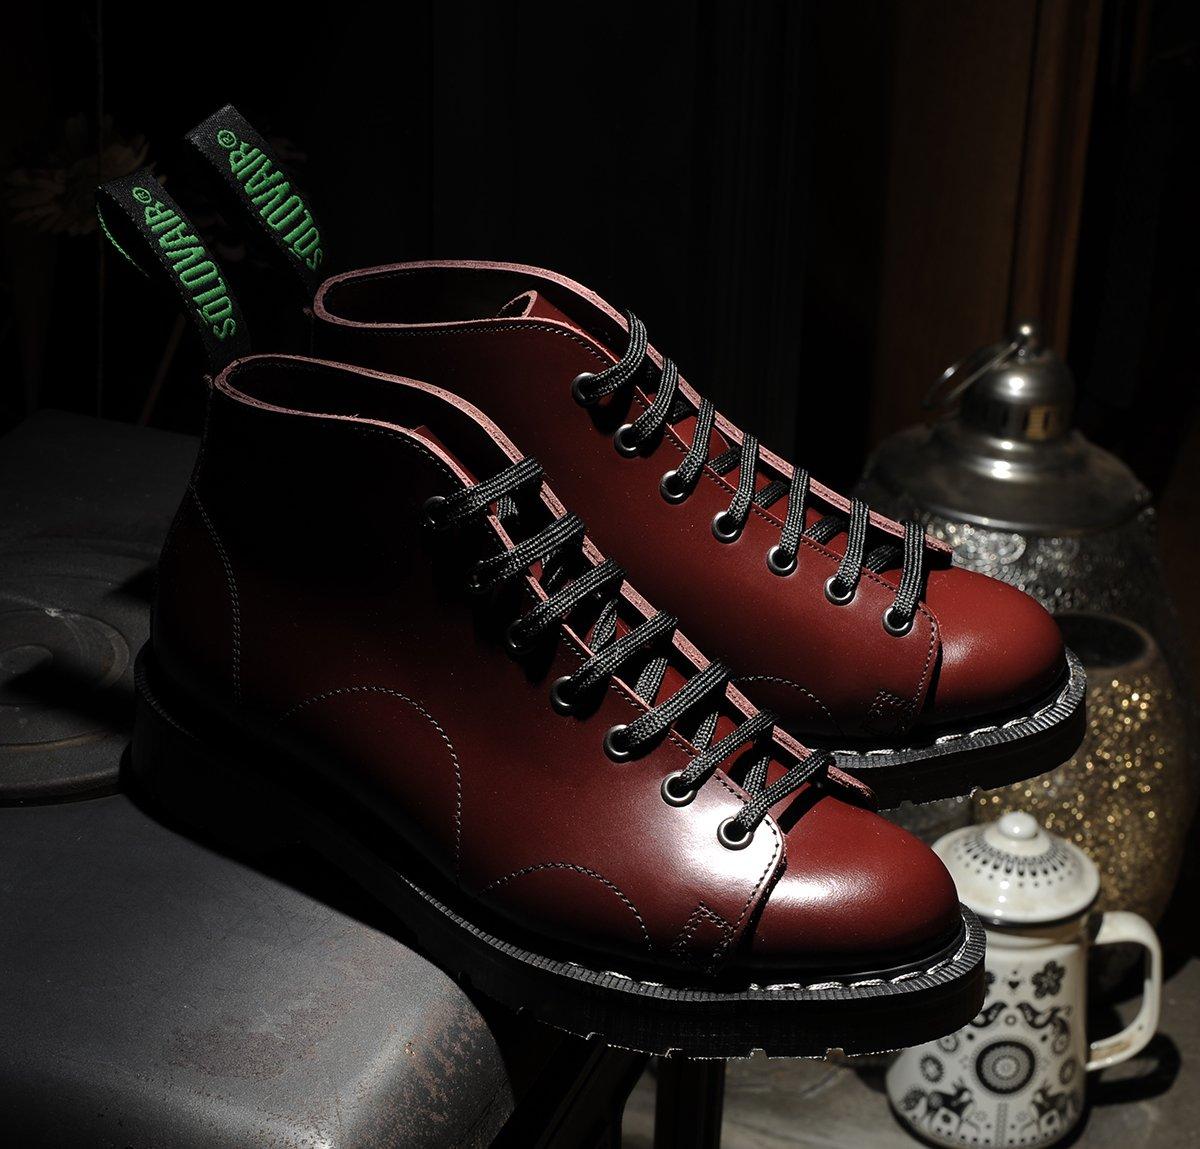 5c72de37ffe Solovair monkey boots oxblood